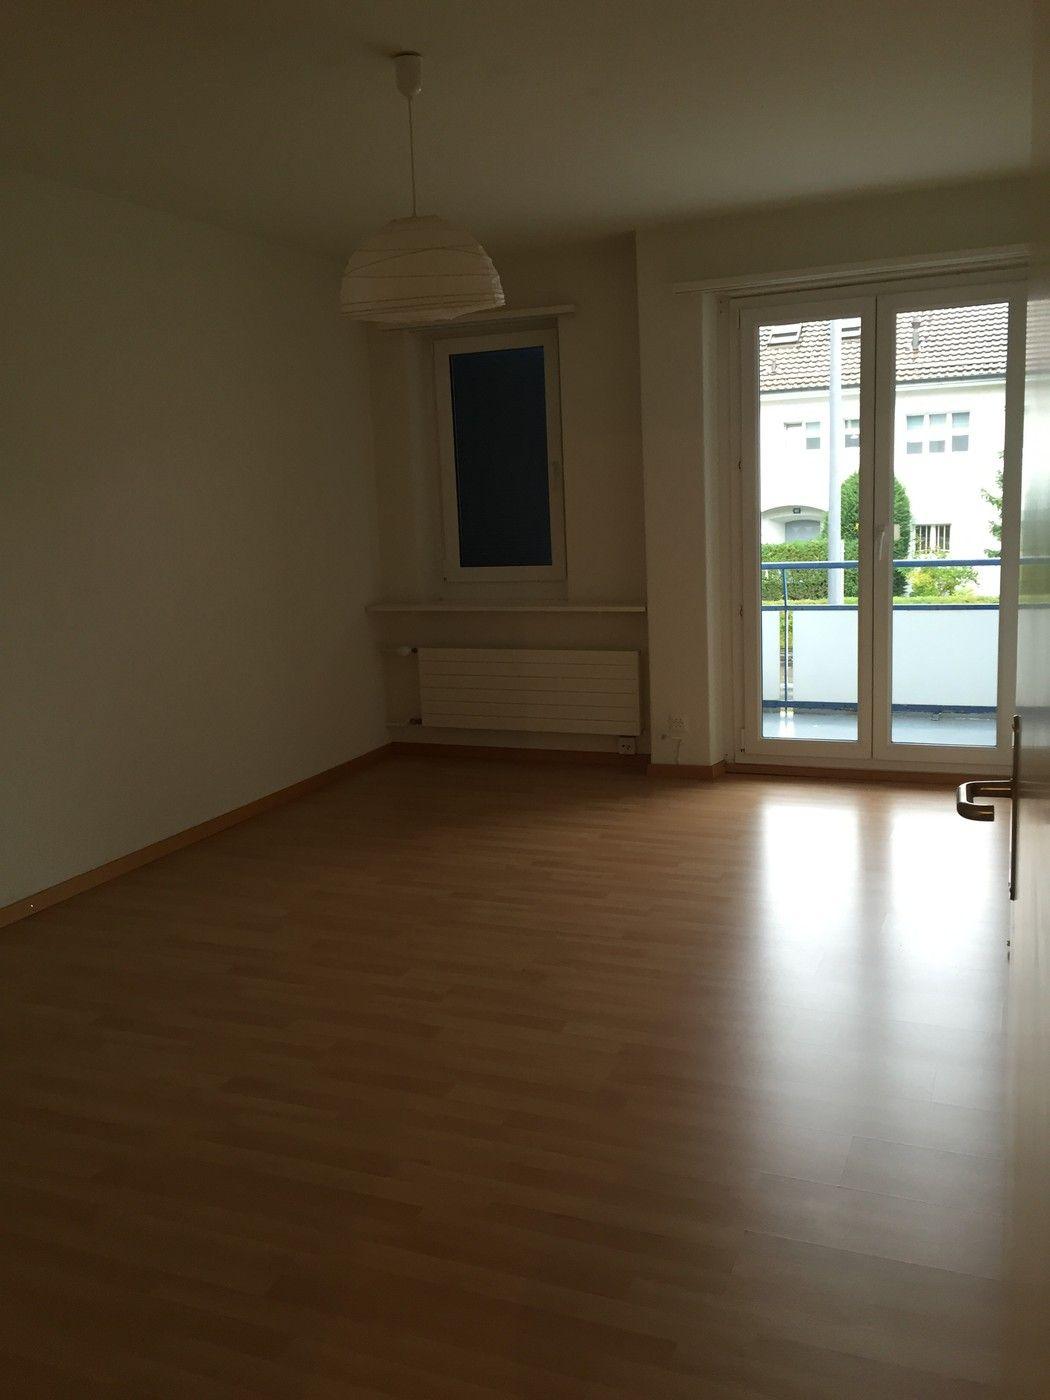 Preiswerte 3 5 Zimmer Wohnung In Zurich Https Flatfox Ch De 5491 Utm Source Pinterest Utm Medium Social Utm Content Mit Bildern 5 Zimmer Wohnung Wohnung Mieten Wohnung